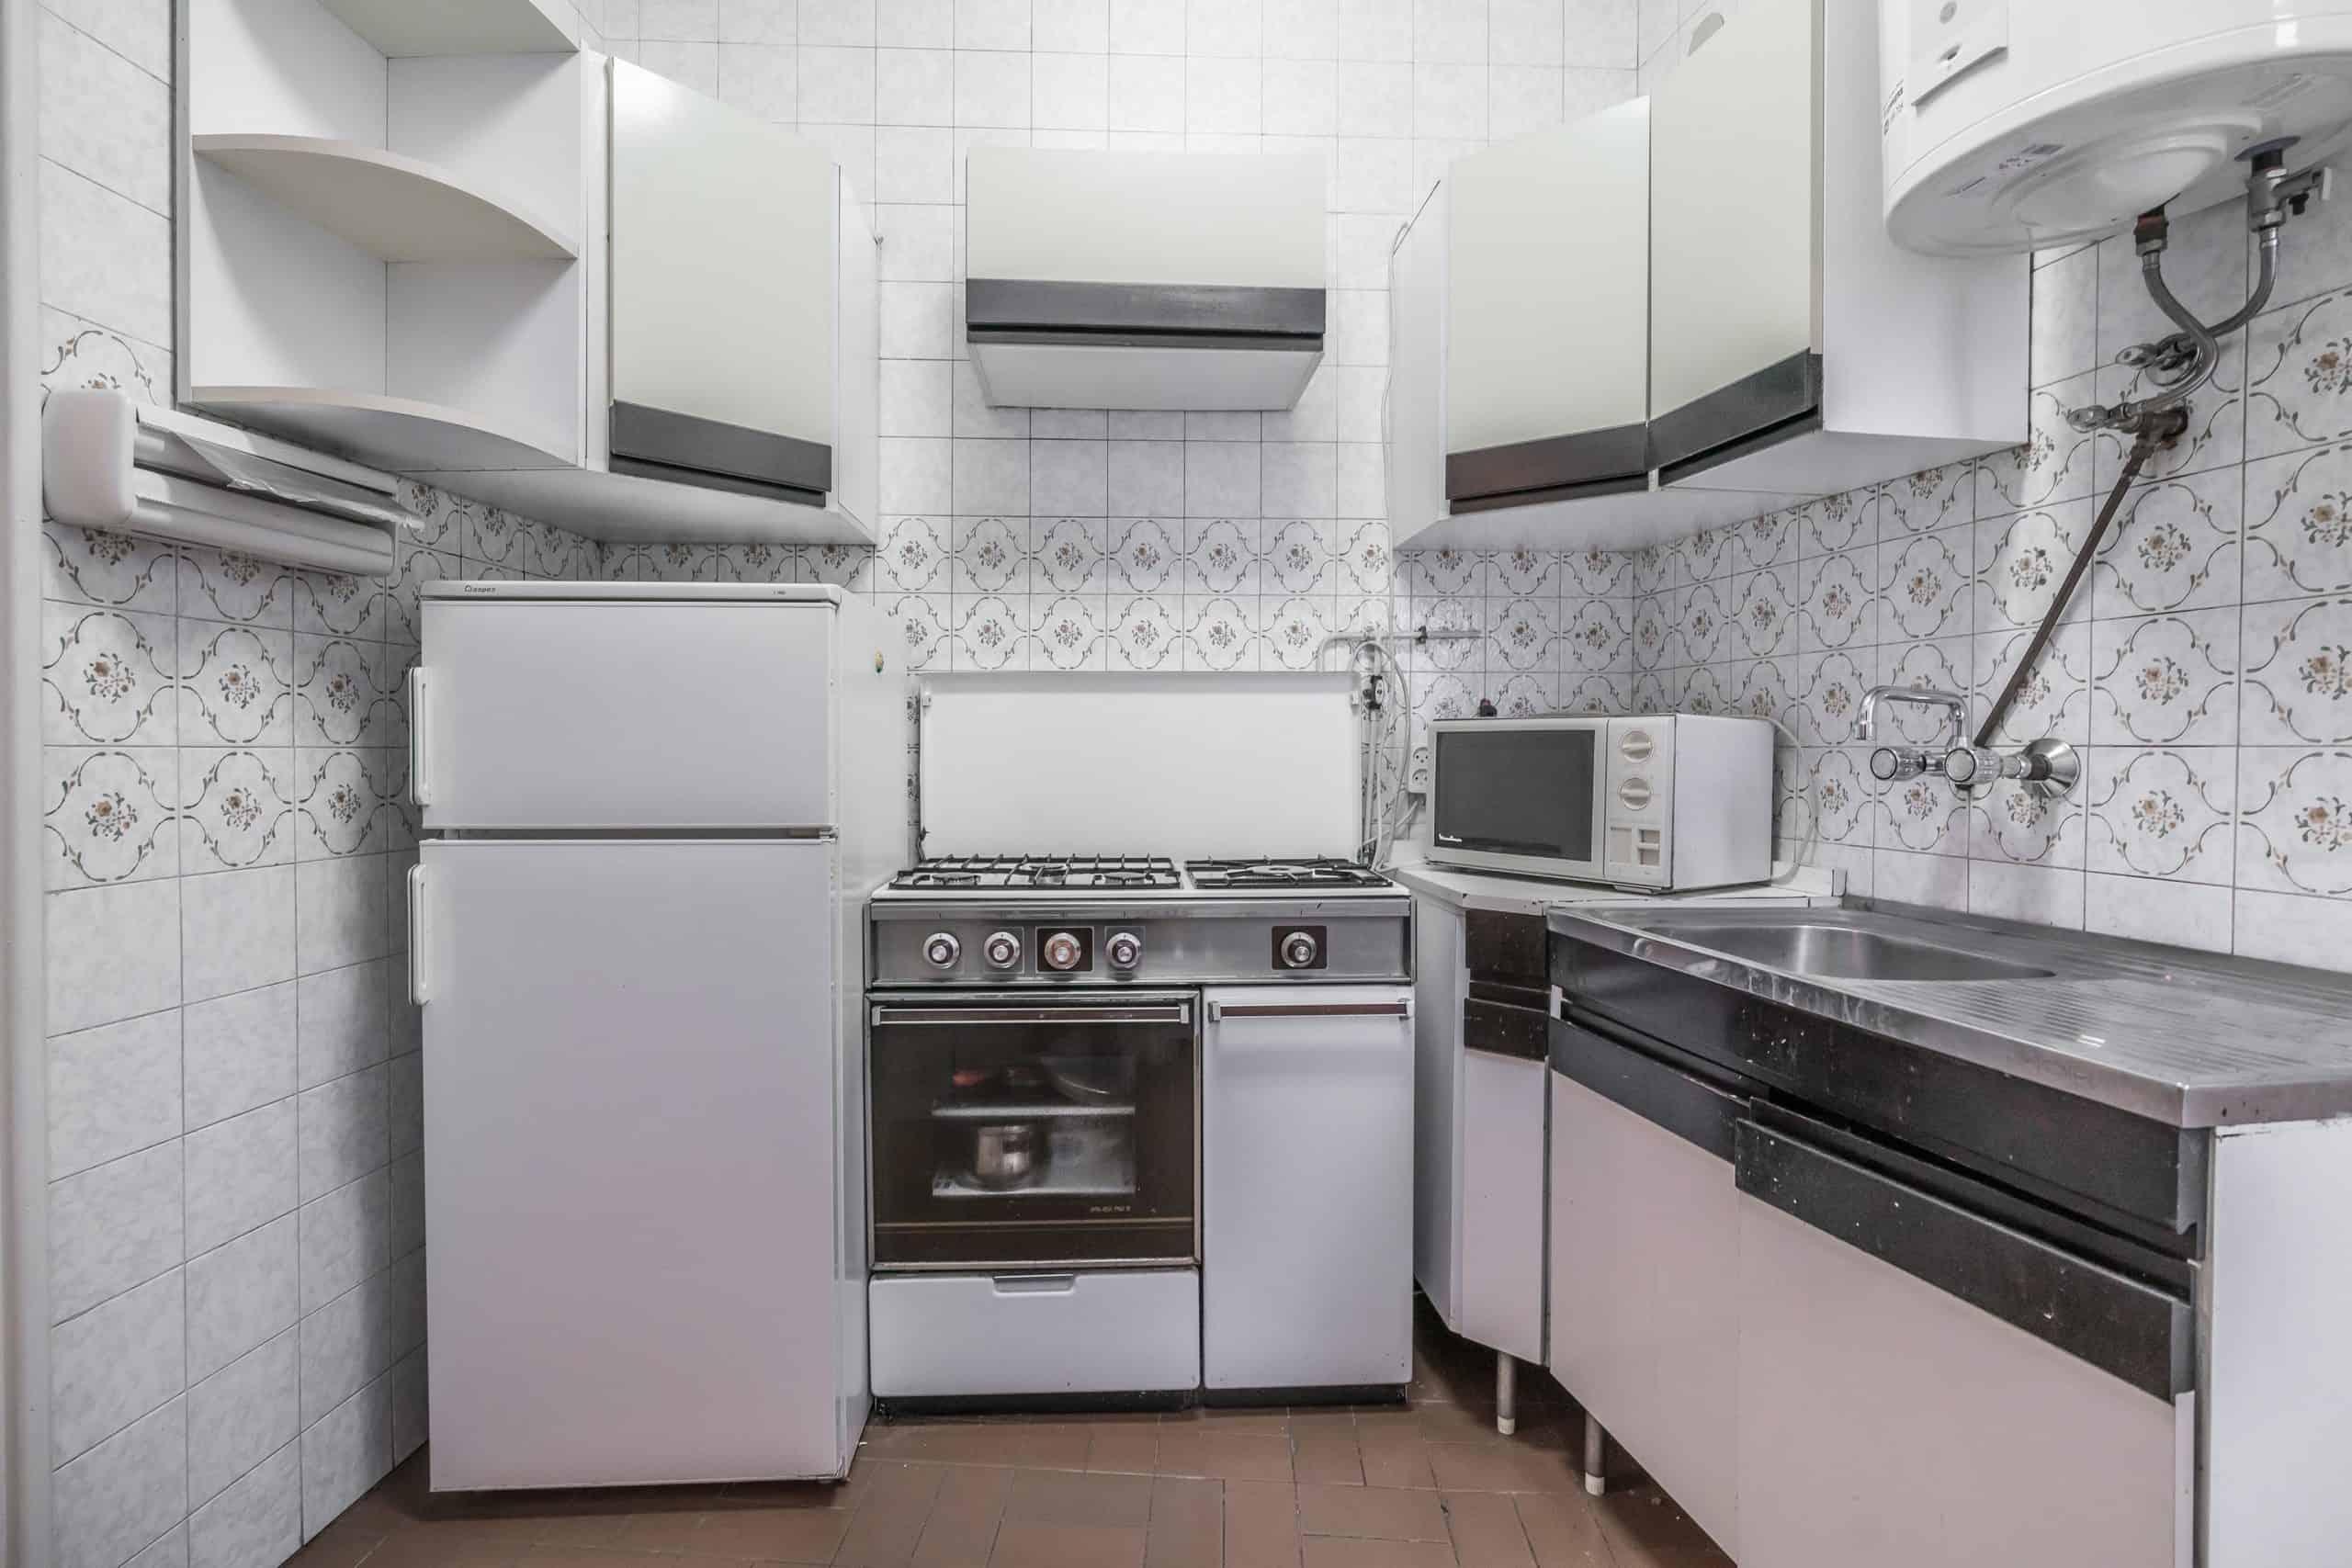 Agencia Inmobiliaria de Madrid-FUTUROCASA-Zona ARGANZUELA-EMBAJADORES-LEGAZPI -plaza General Vara del Rey- cocina (2)